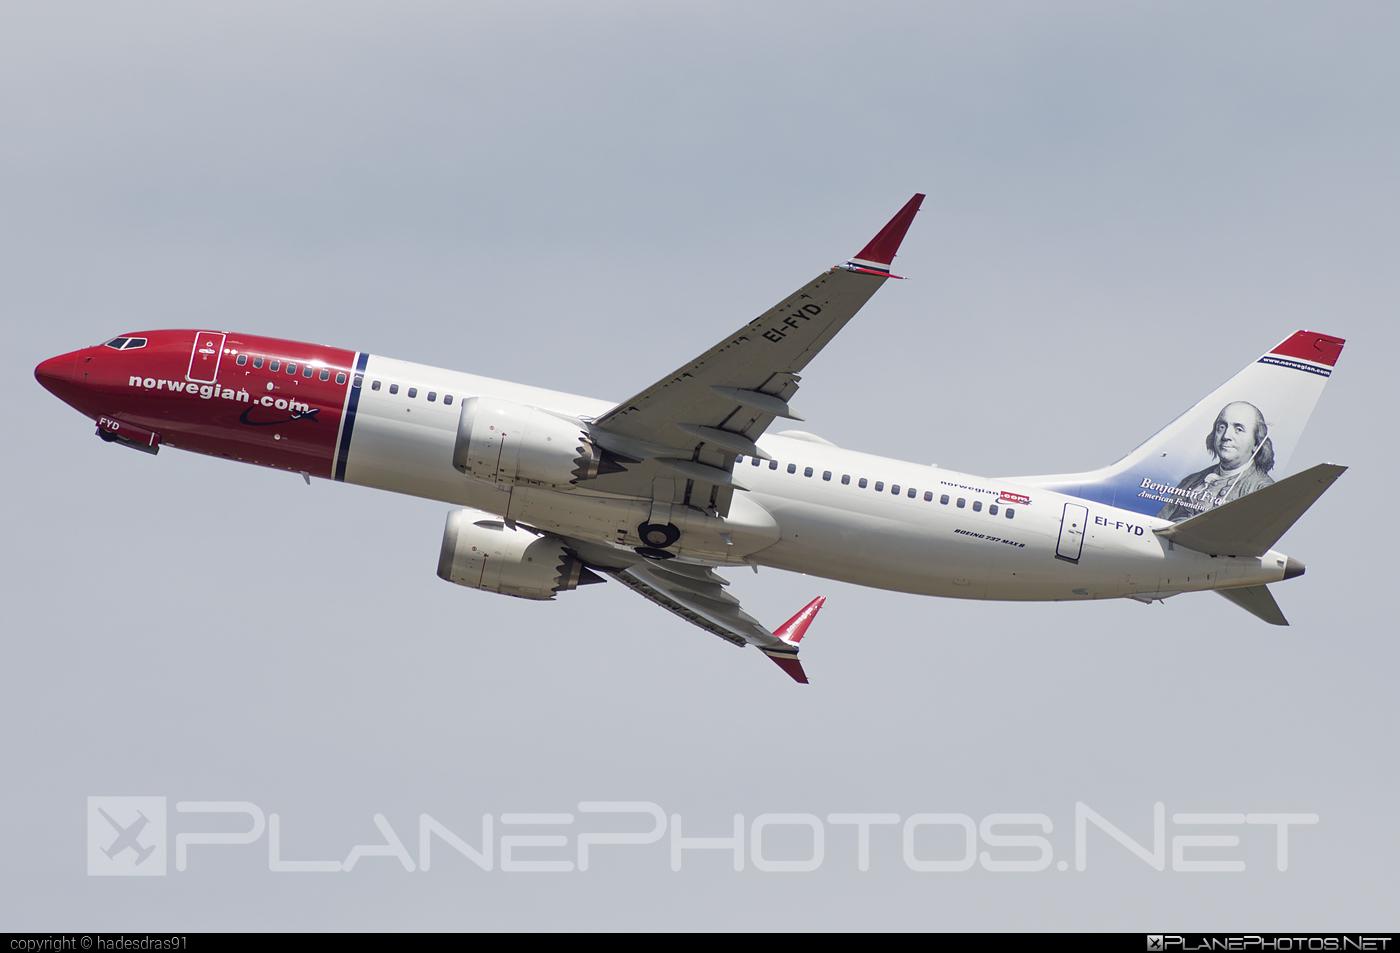 Boeing 737-8 MAX - EI-FYD operated by Norwegian Air International #b737 #b737max #boeing #boeing737 #norwegian #norwegianair #norwegianairinternational